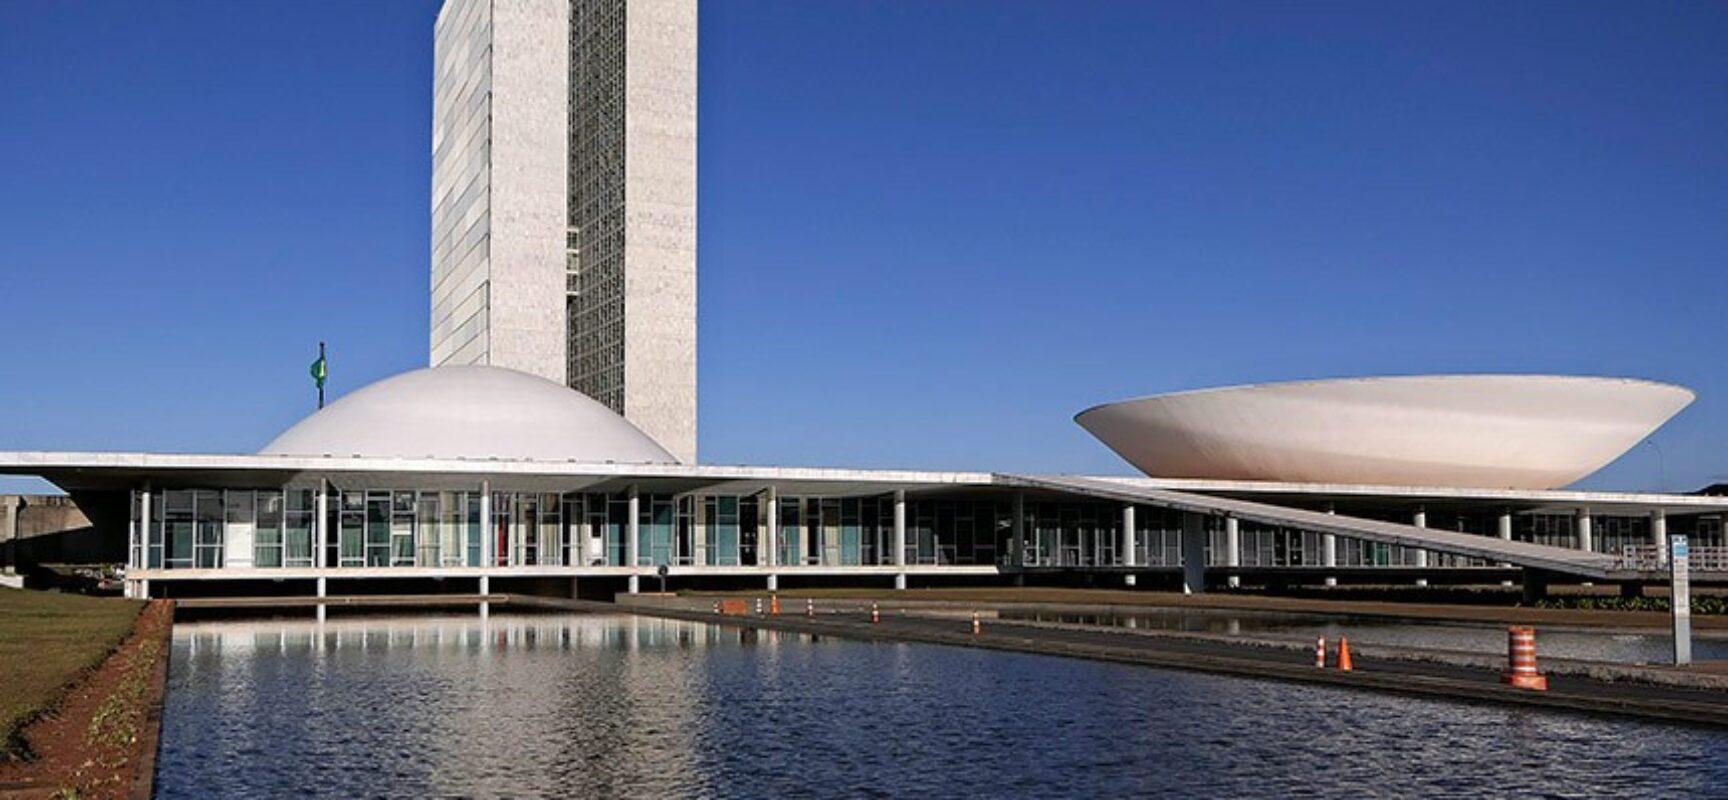 Congresso analisa na segunda vetos à federação de partidos, ao clube-empresa e à MP da Eletrobras